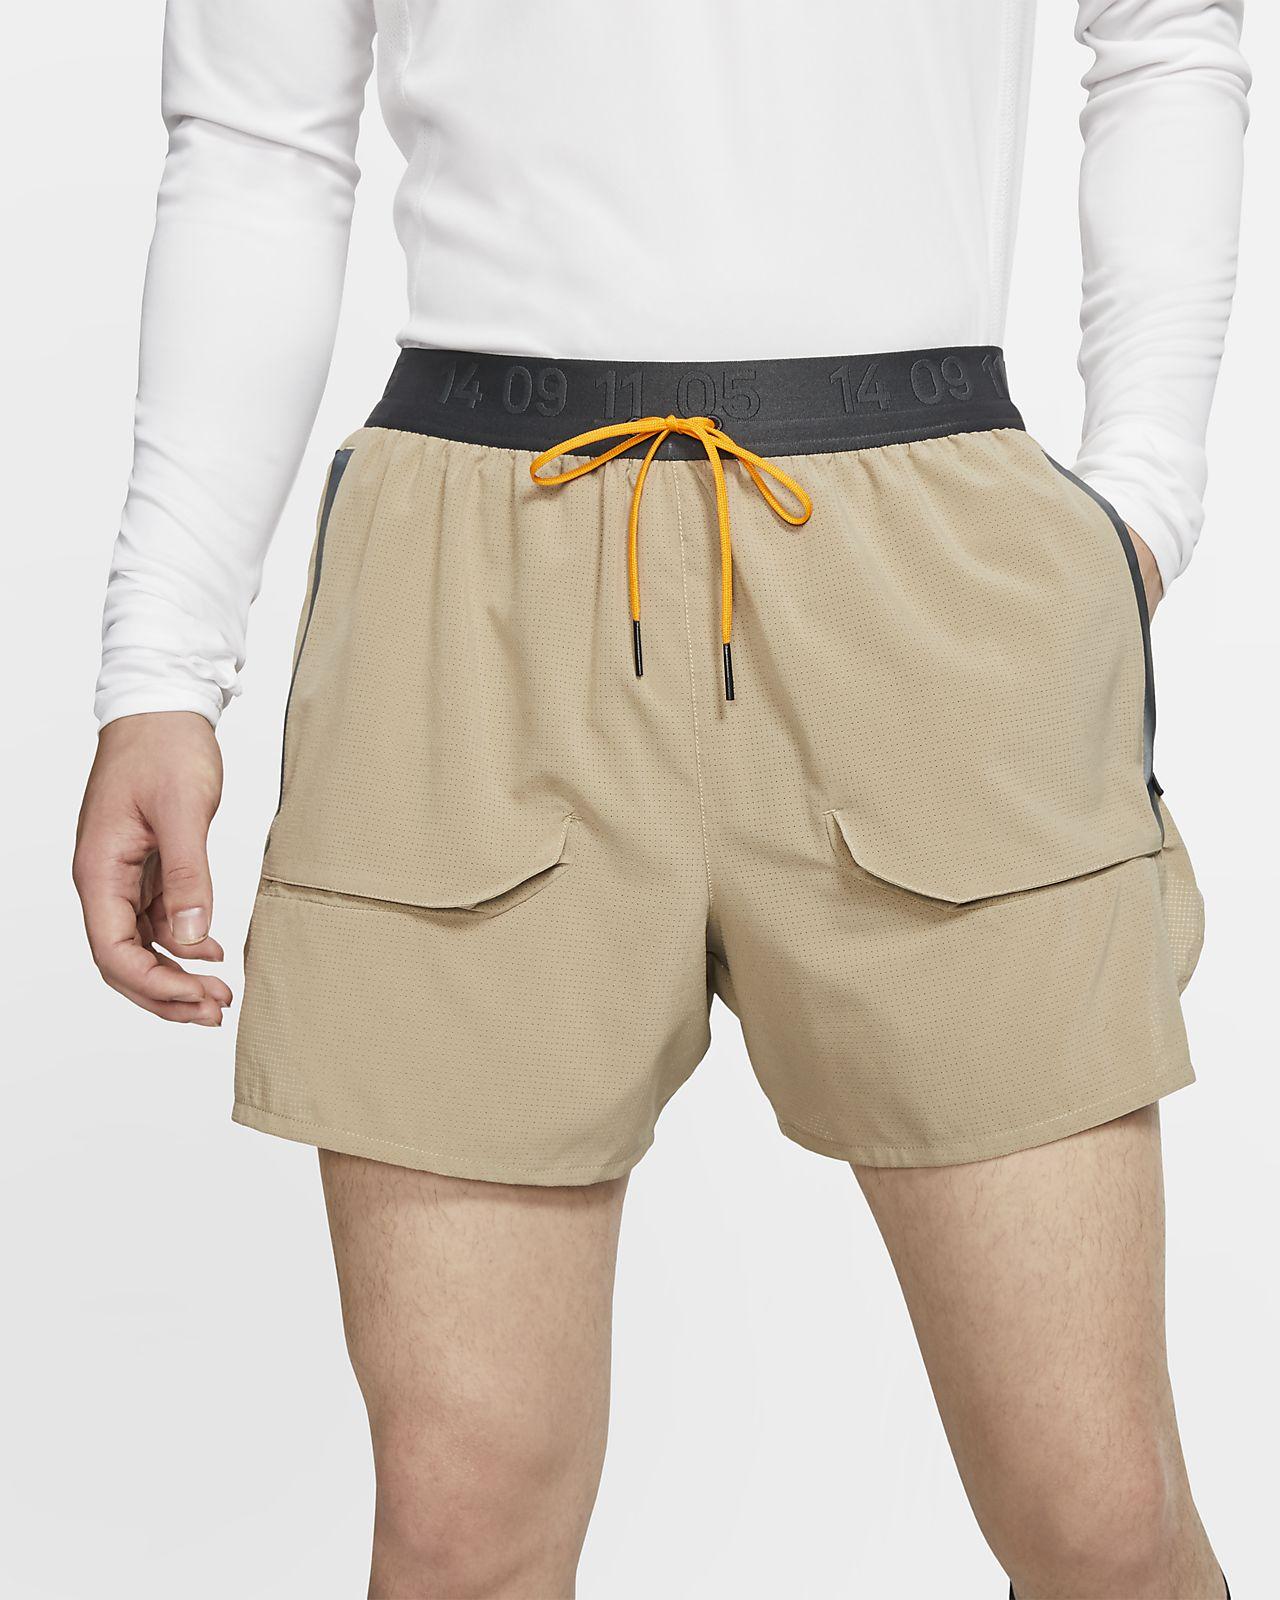 Nike Herren-Laufshorts mit Futter